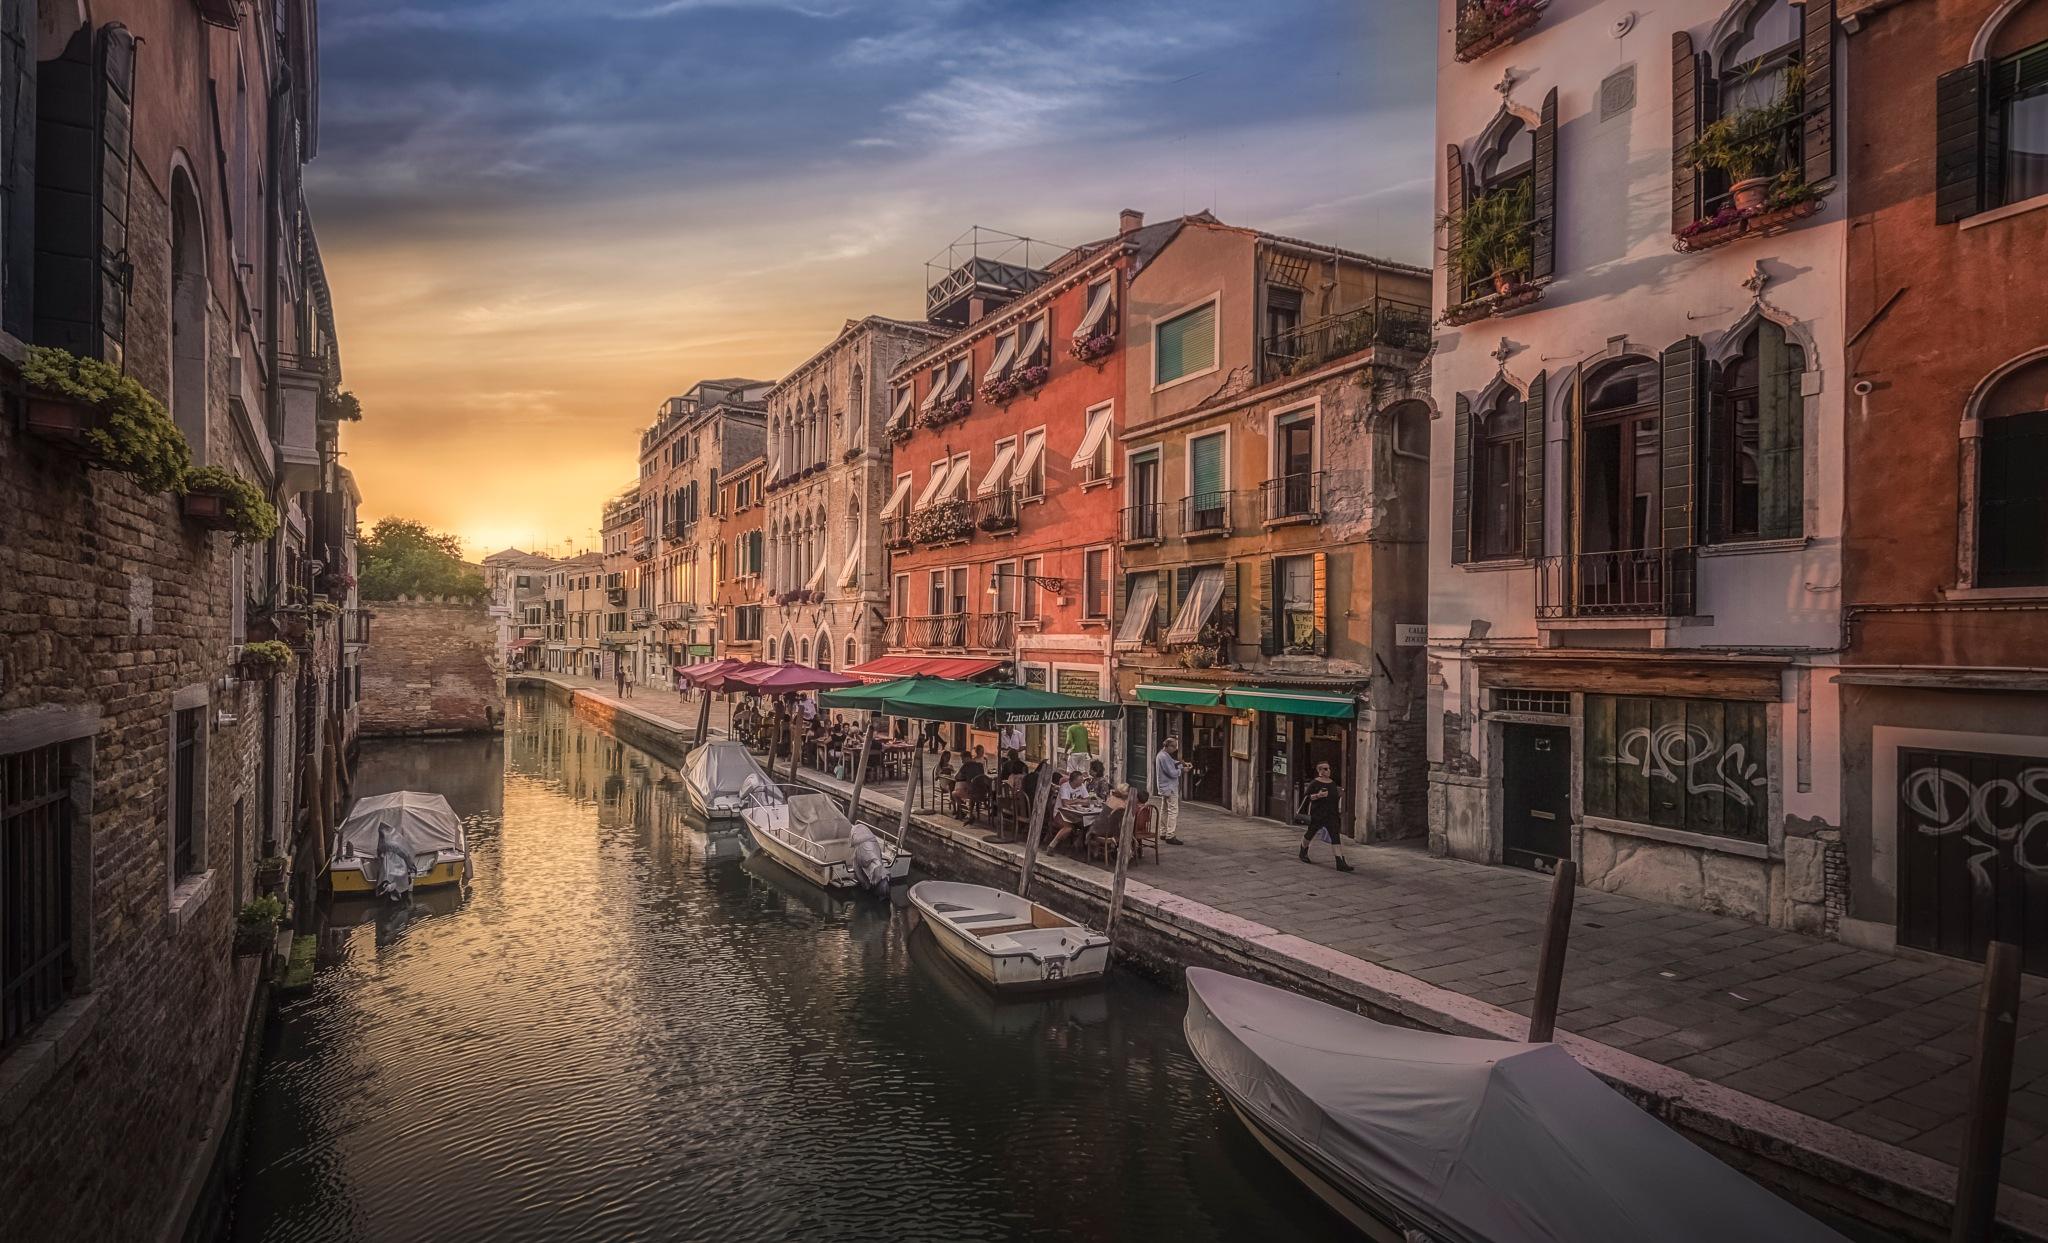 Rio della Misericordia by ole